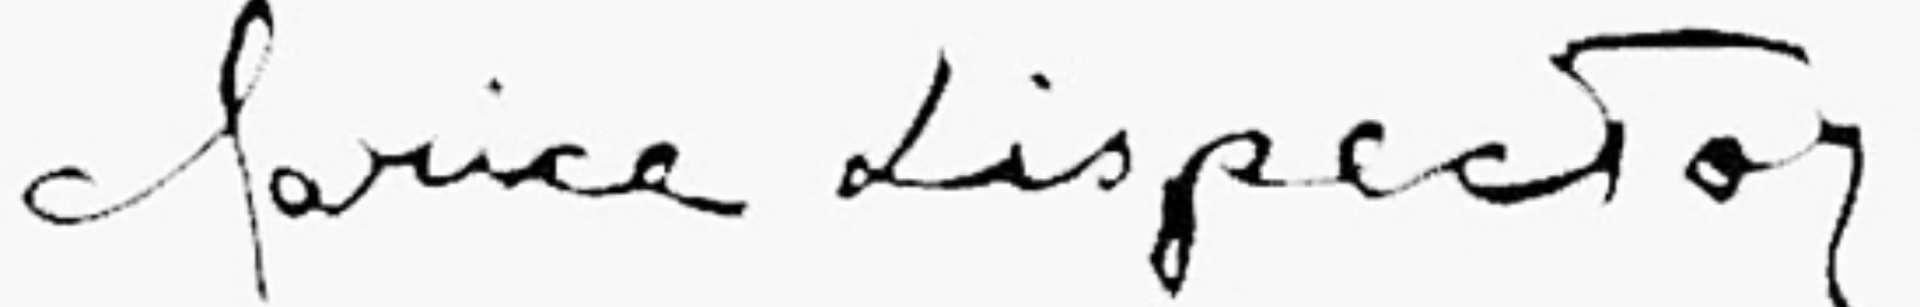 """Правописание """"пишете"""": почему через """"е"""", обоснование, примеры"""